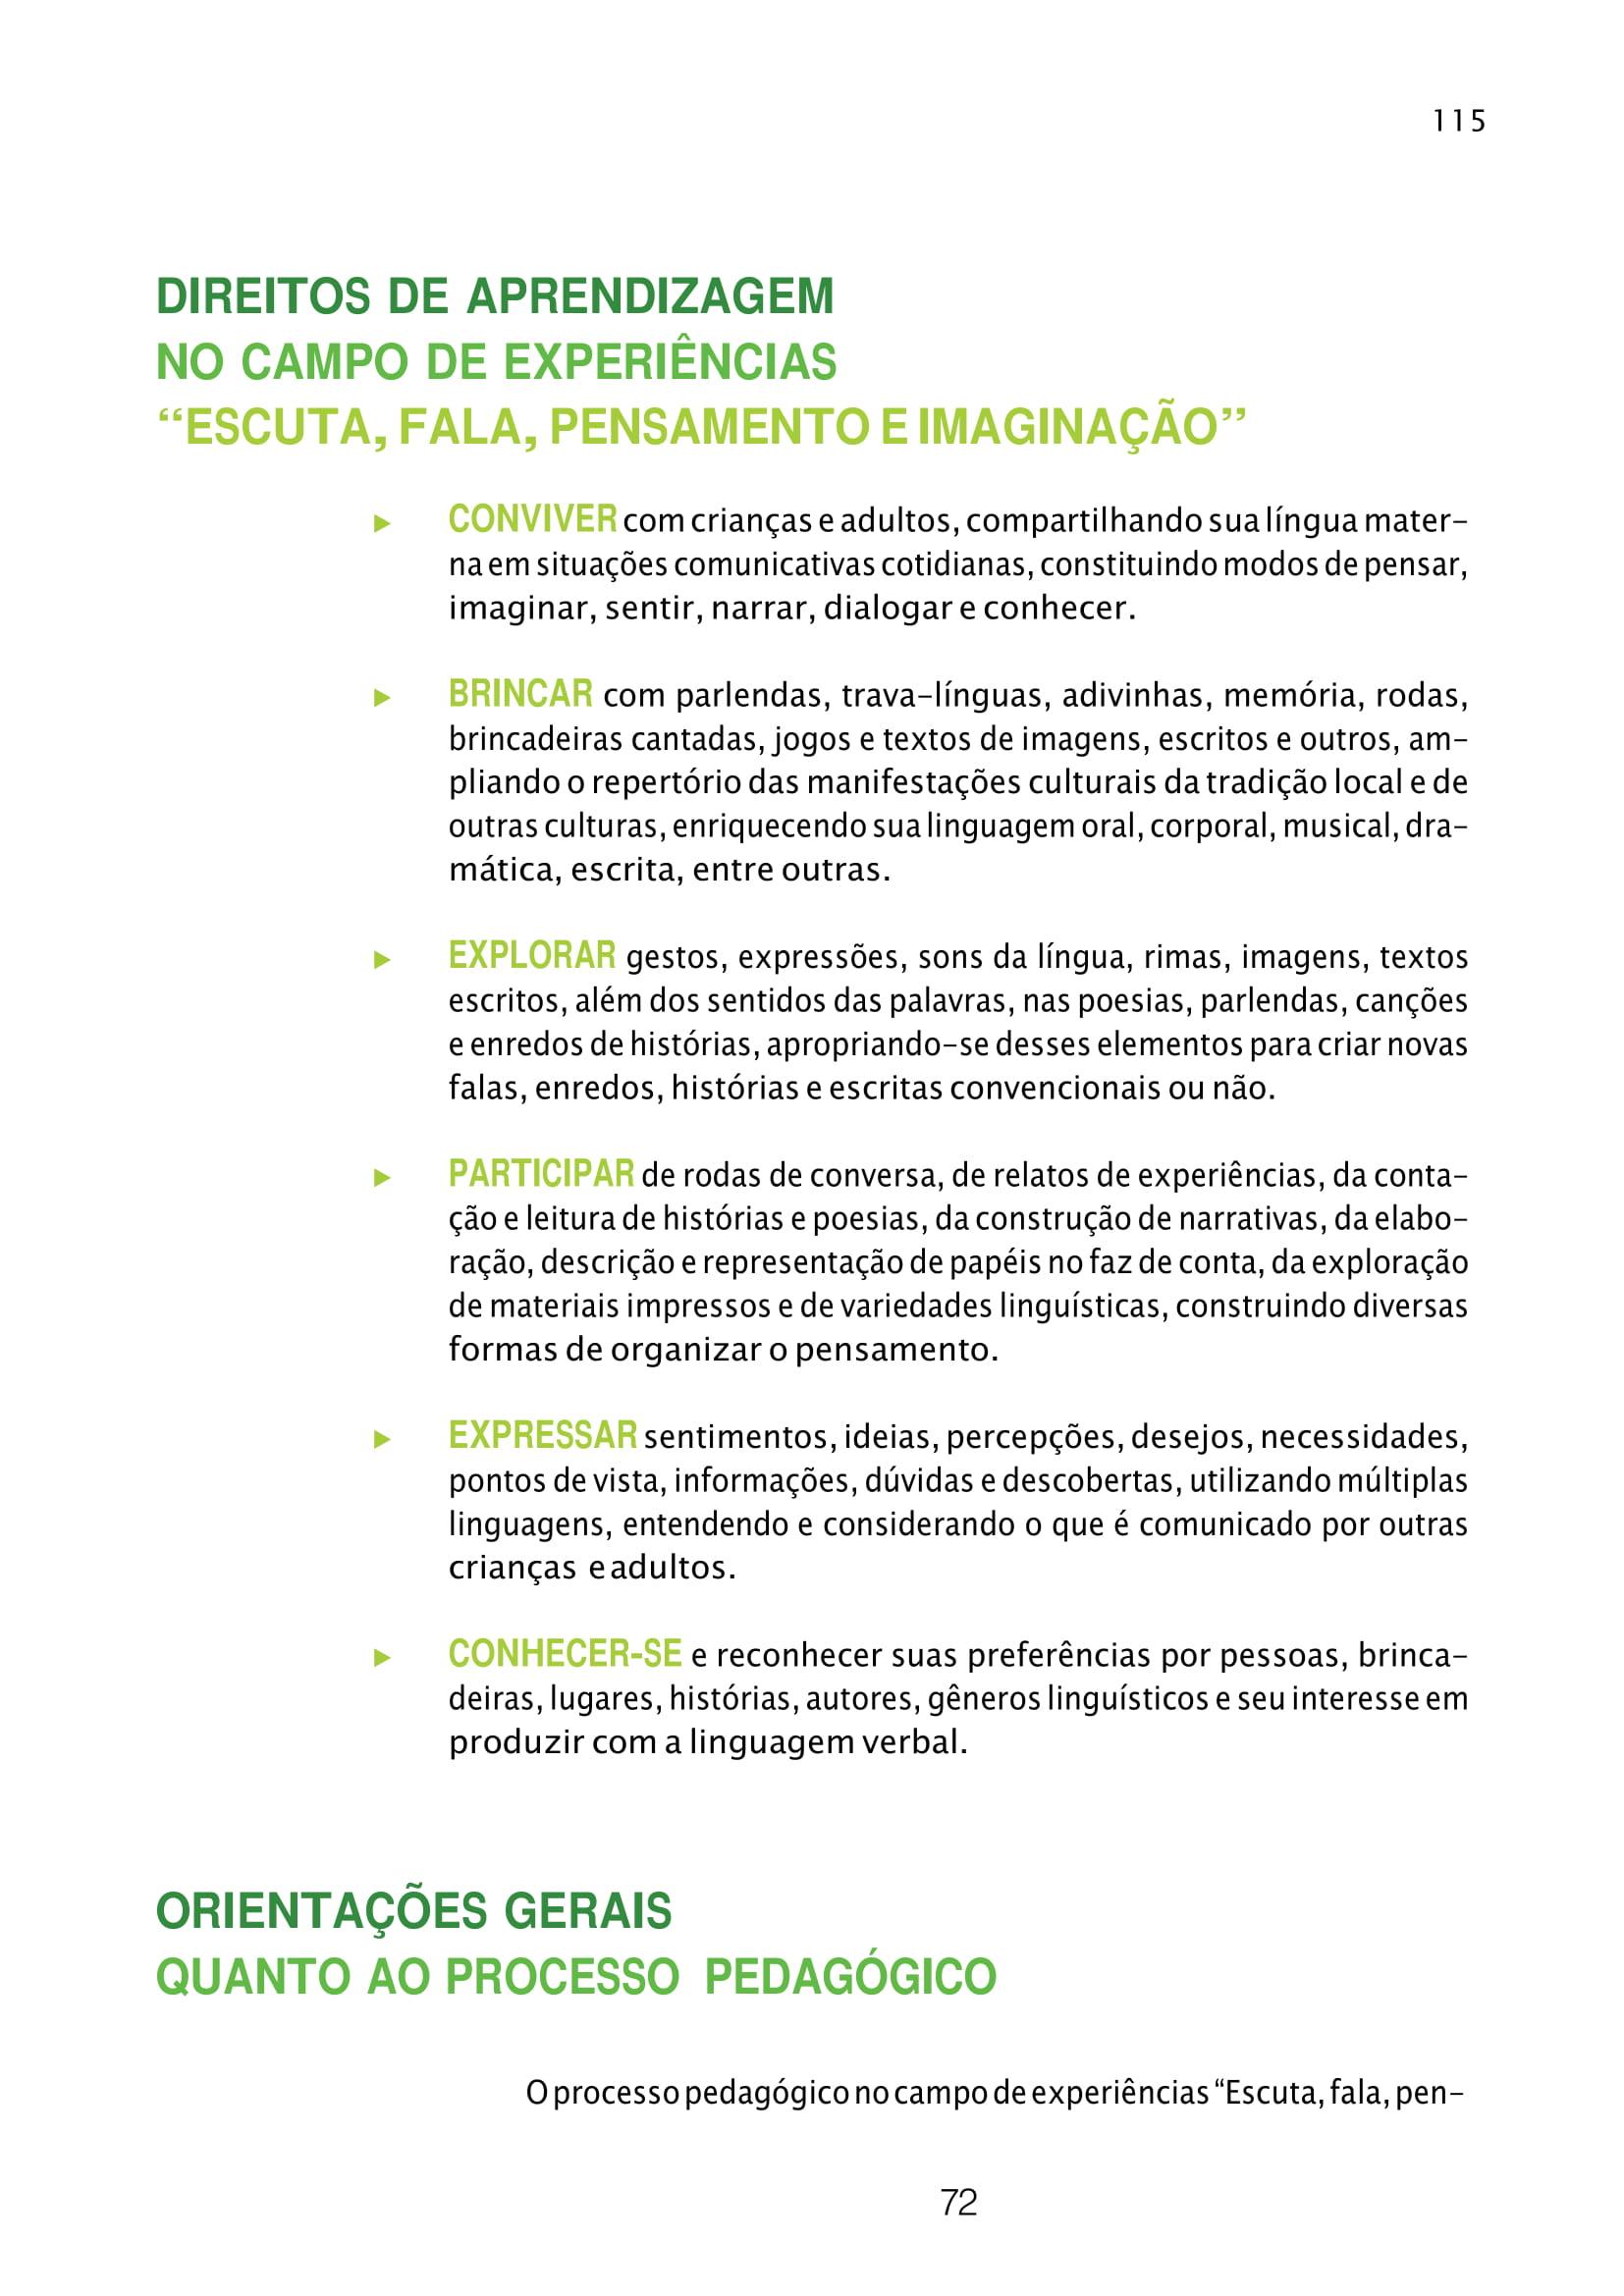 planejamento-educação-infantil-bncc-geral-145